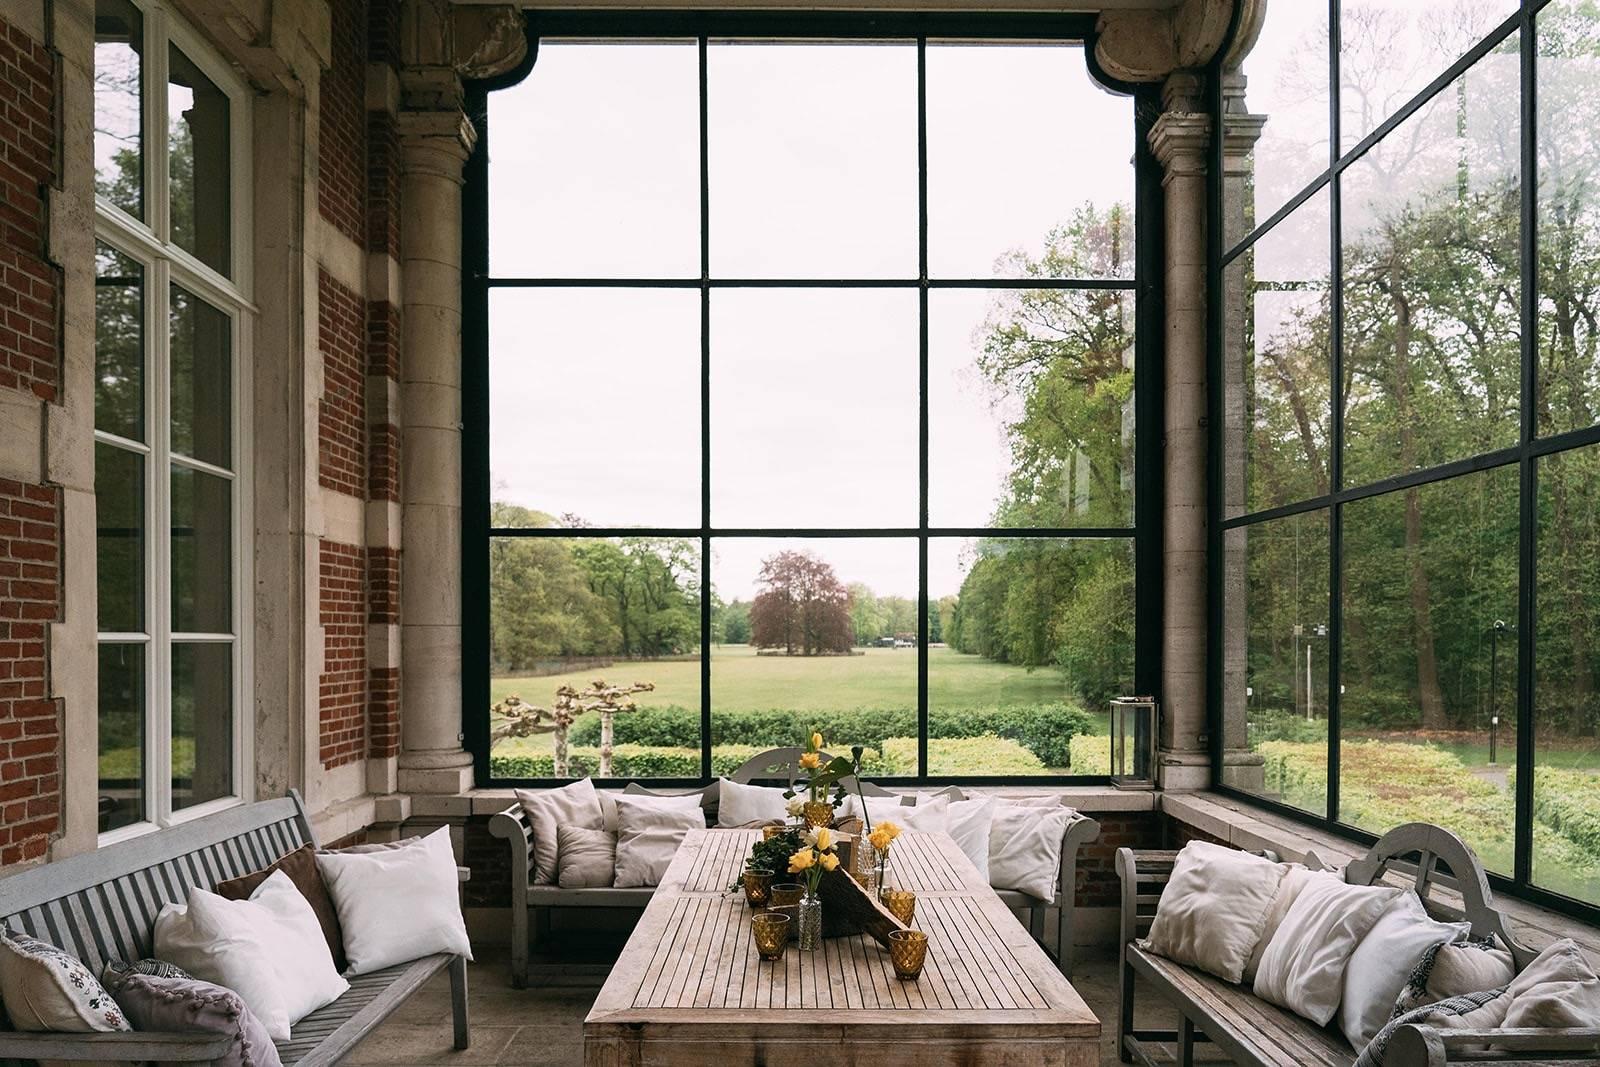 Kasteel Van Brasschaat - Eventlocatie - Feestzaal - Trouwzaal - House of Events & House of Weddings - 16